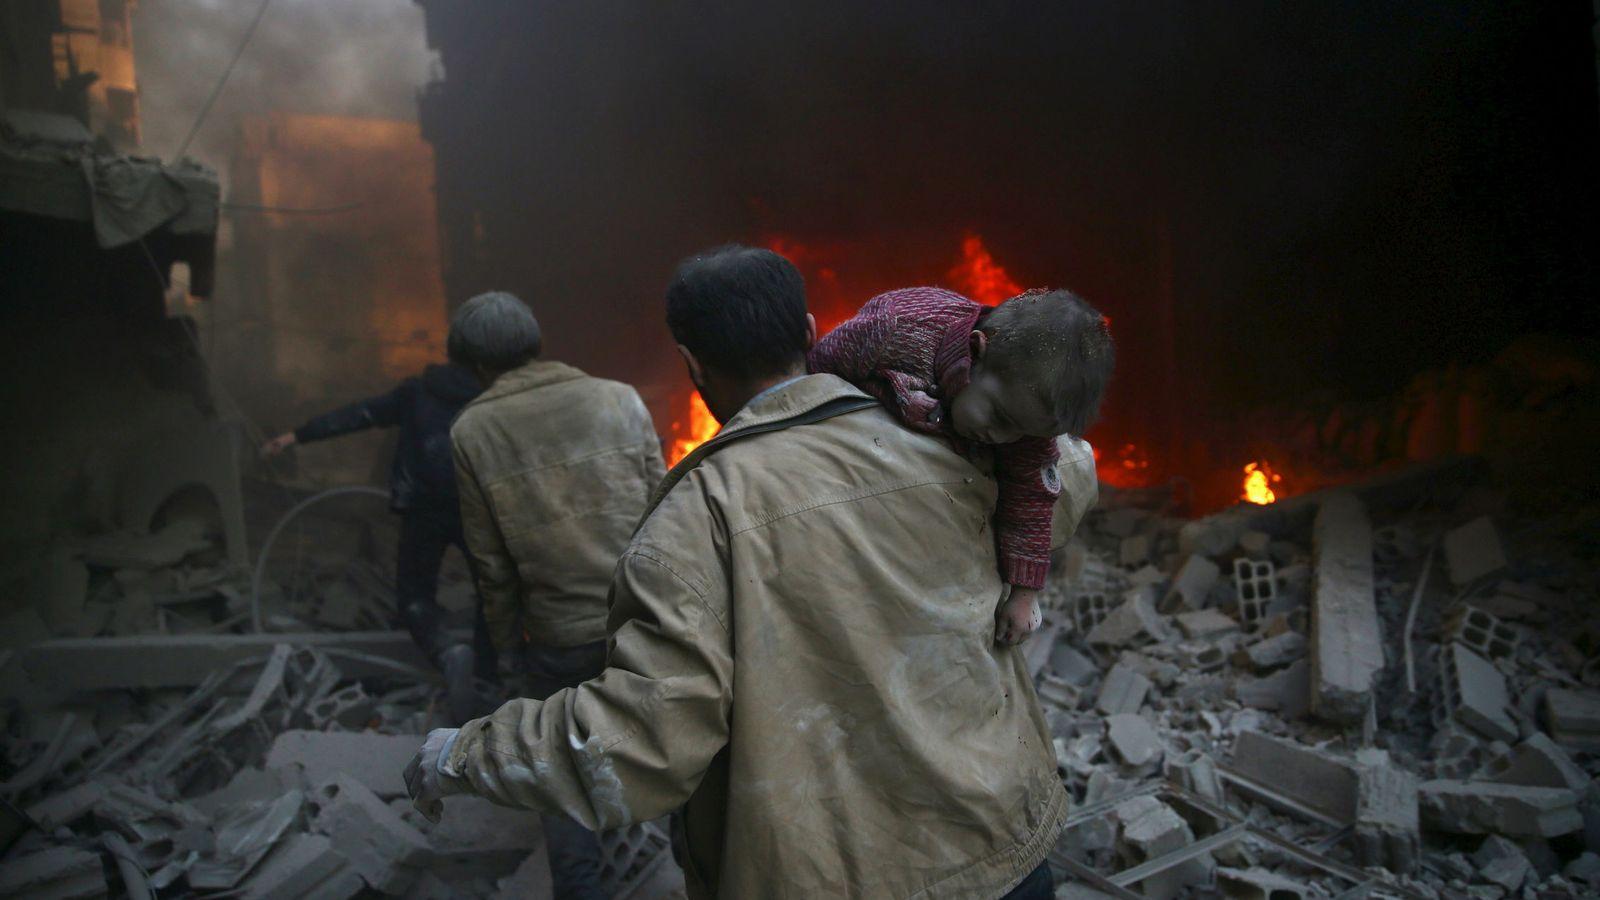 Foto: Un hombre rescata a un nño entre los escombros tras un ataque aéreo del régimen en Duma (Reuters).